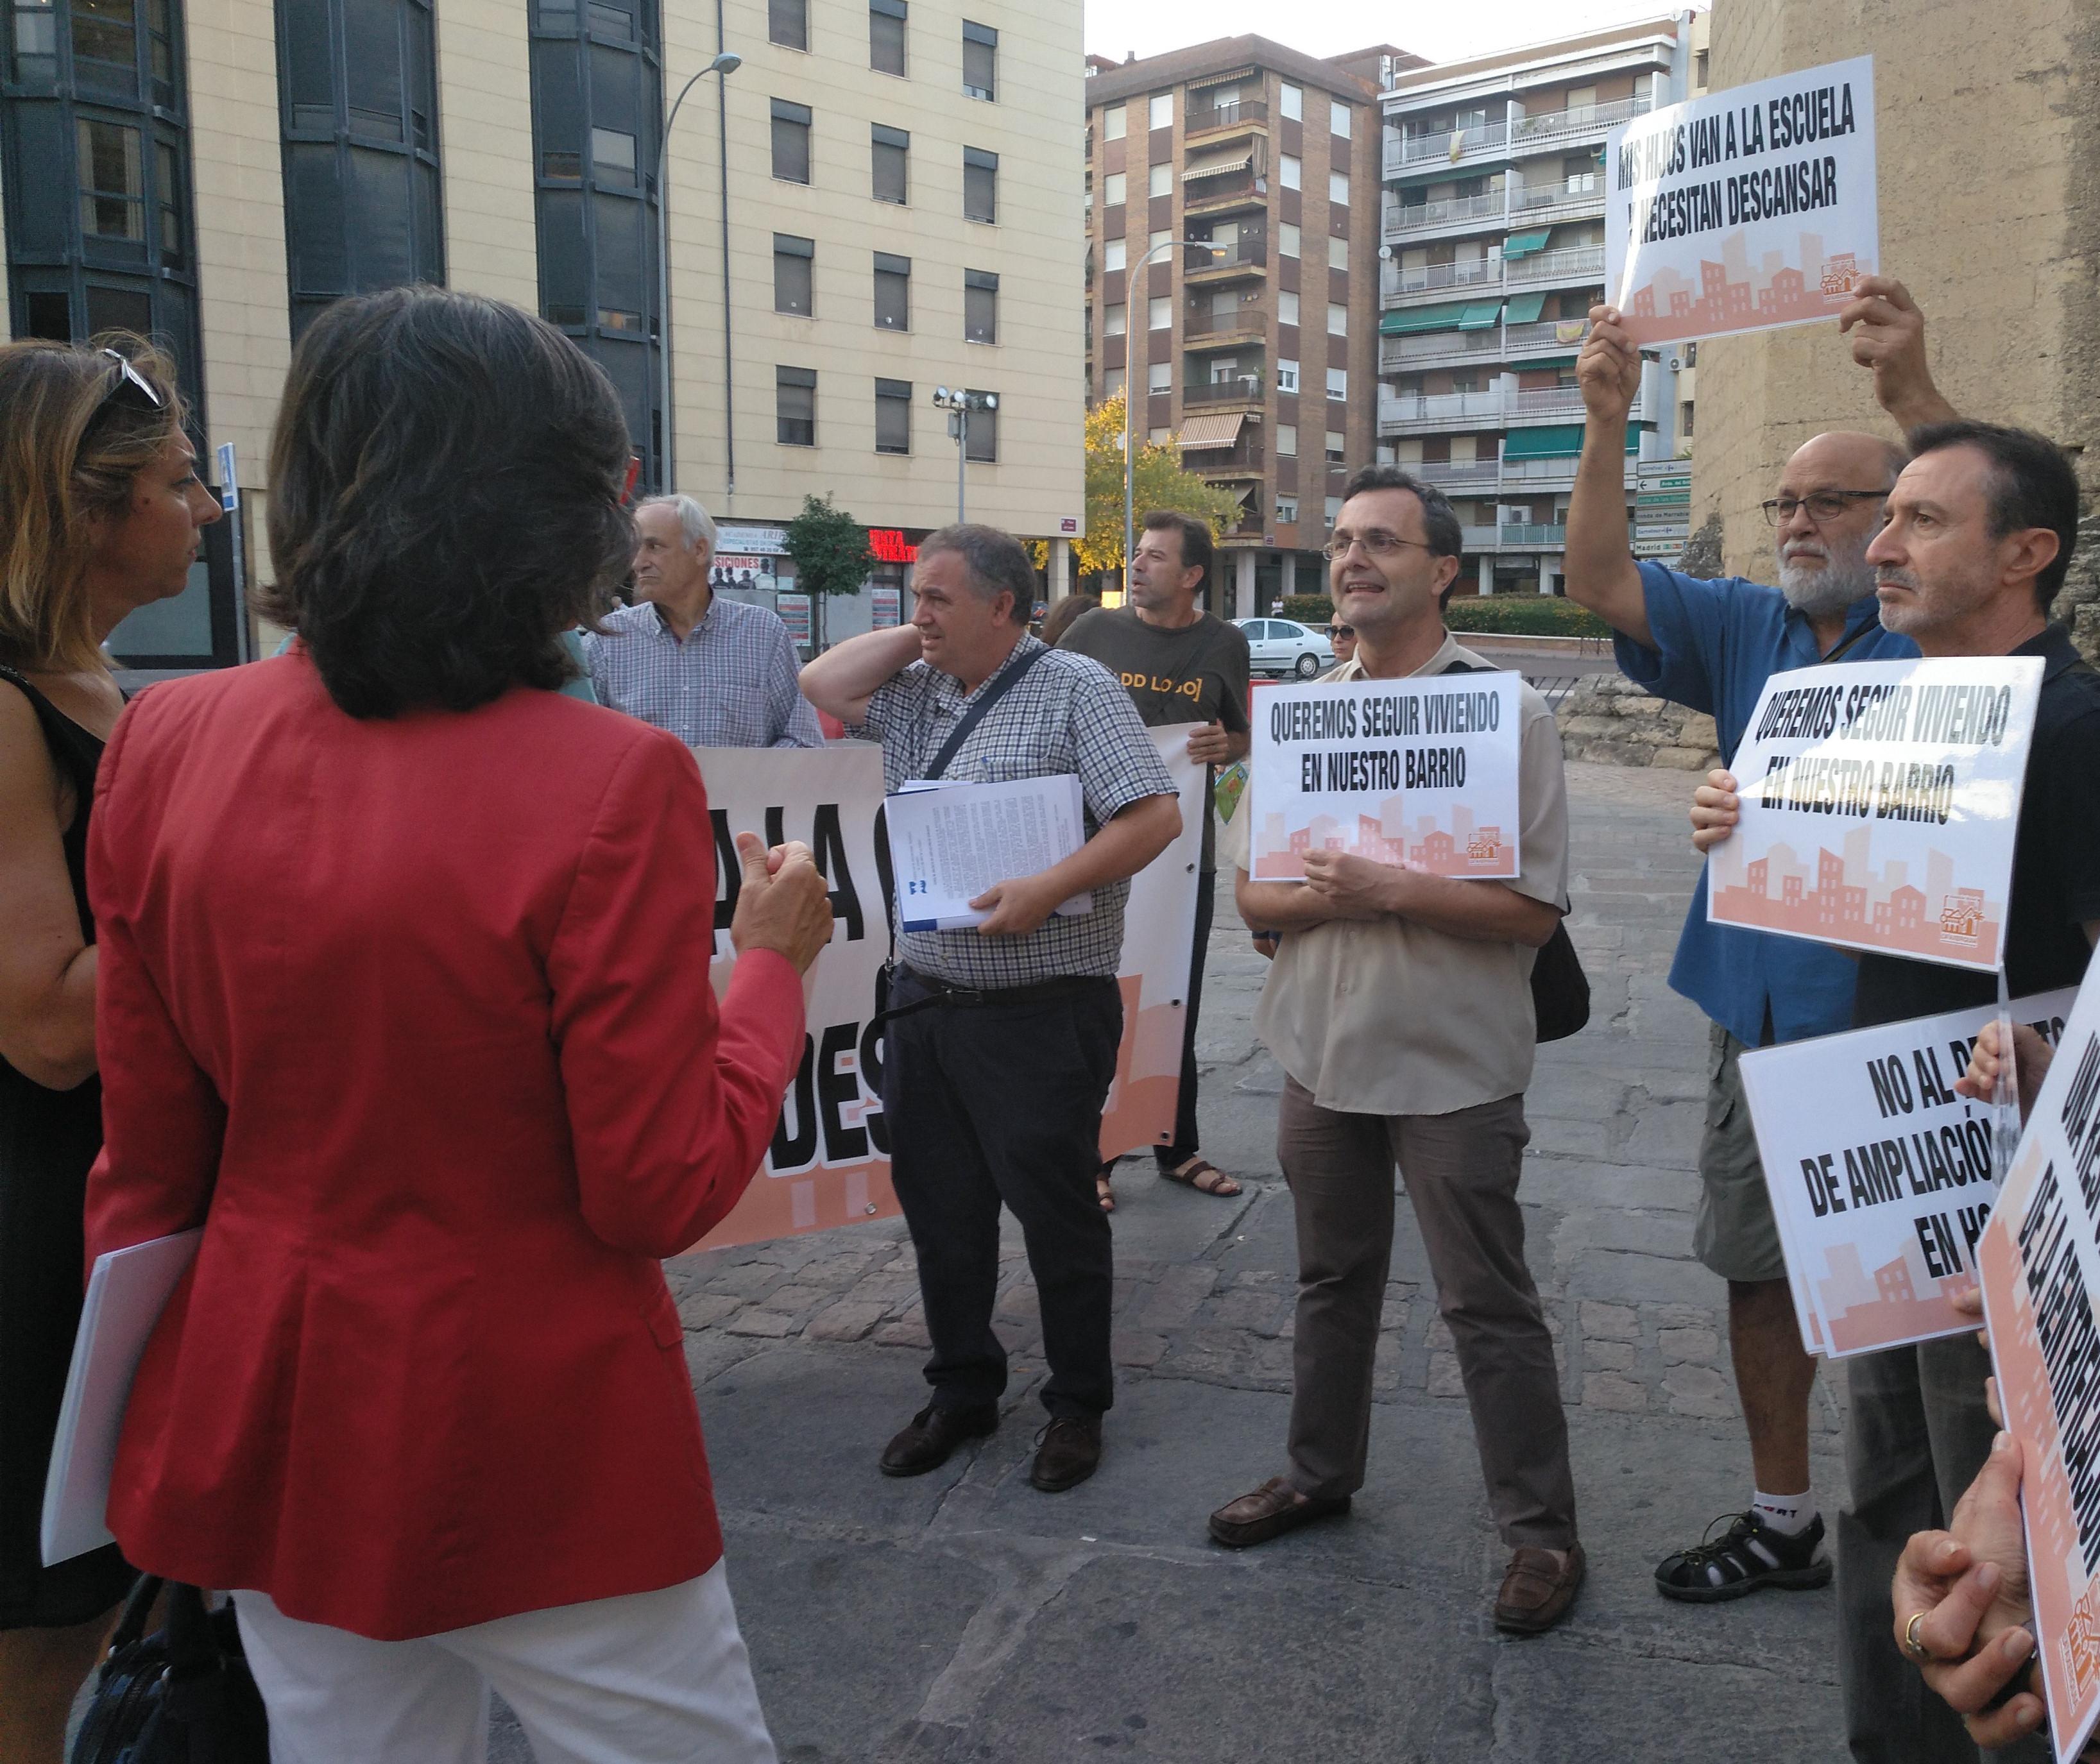 El Consejo del Movimiento Ciudadano solicita el compromiso de los partidos en el control de actividades de ocio